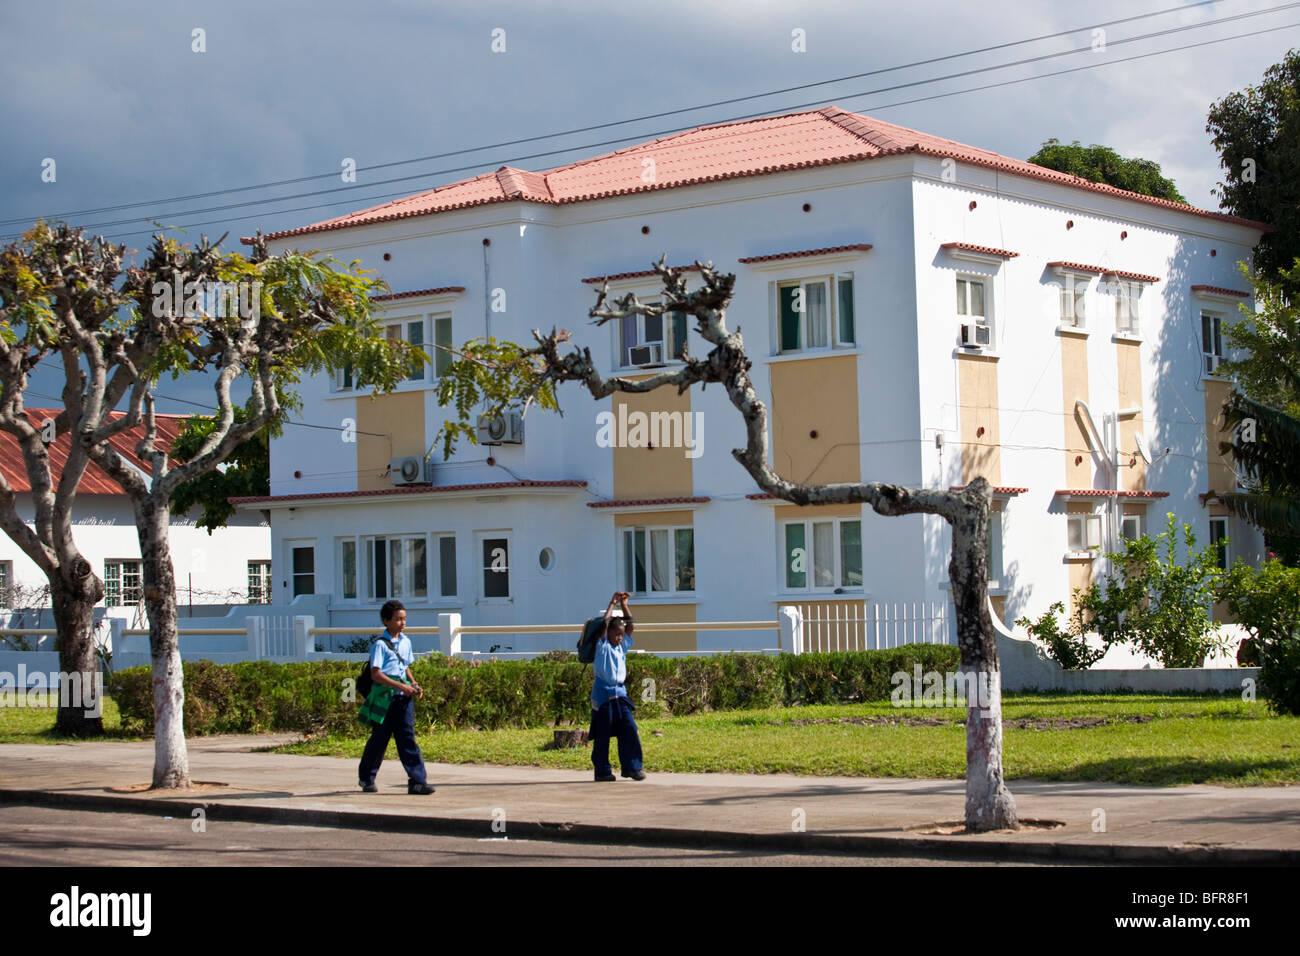 Edificio blanco con colegiales pasando Imagen De Stock